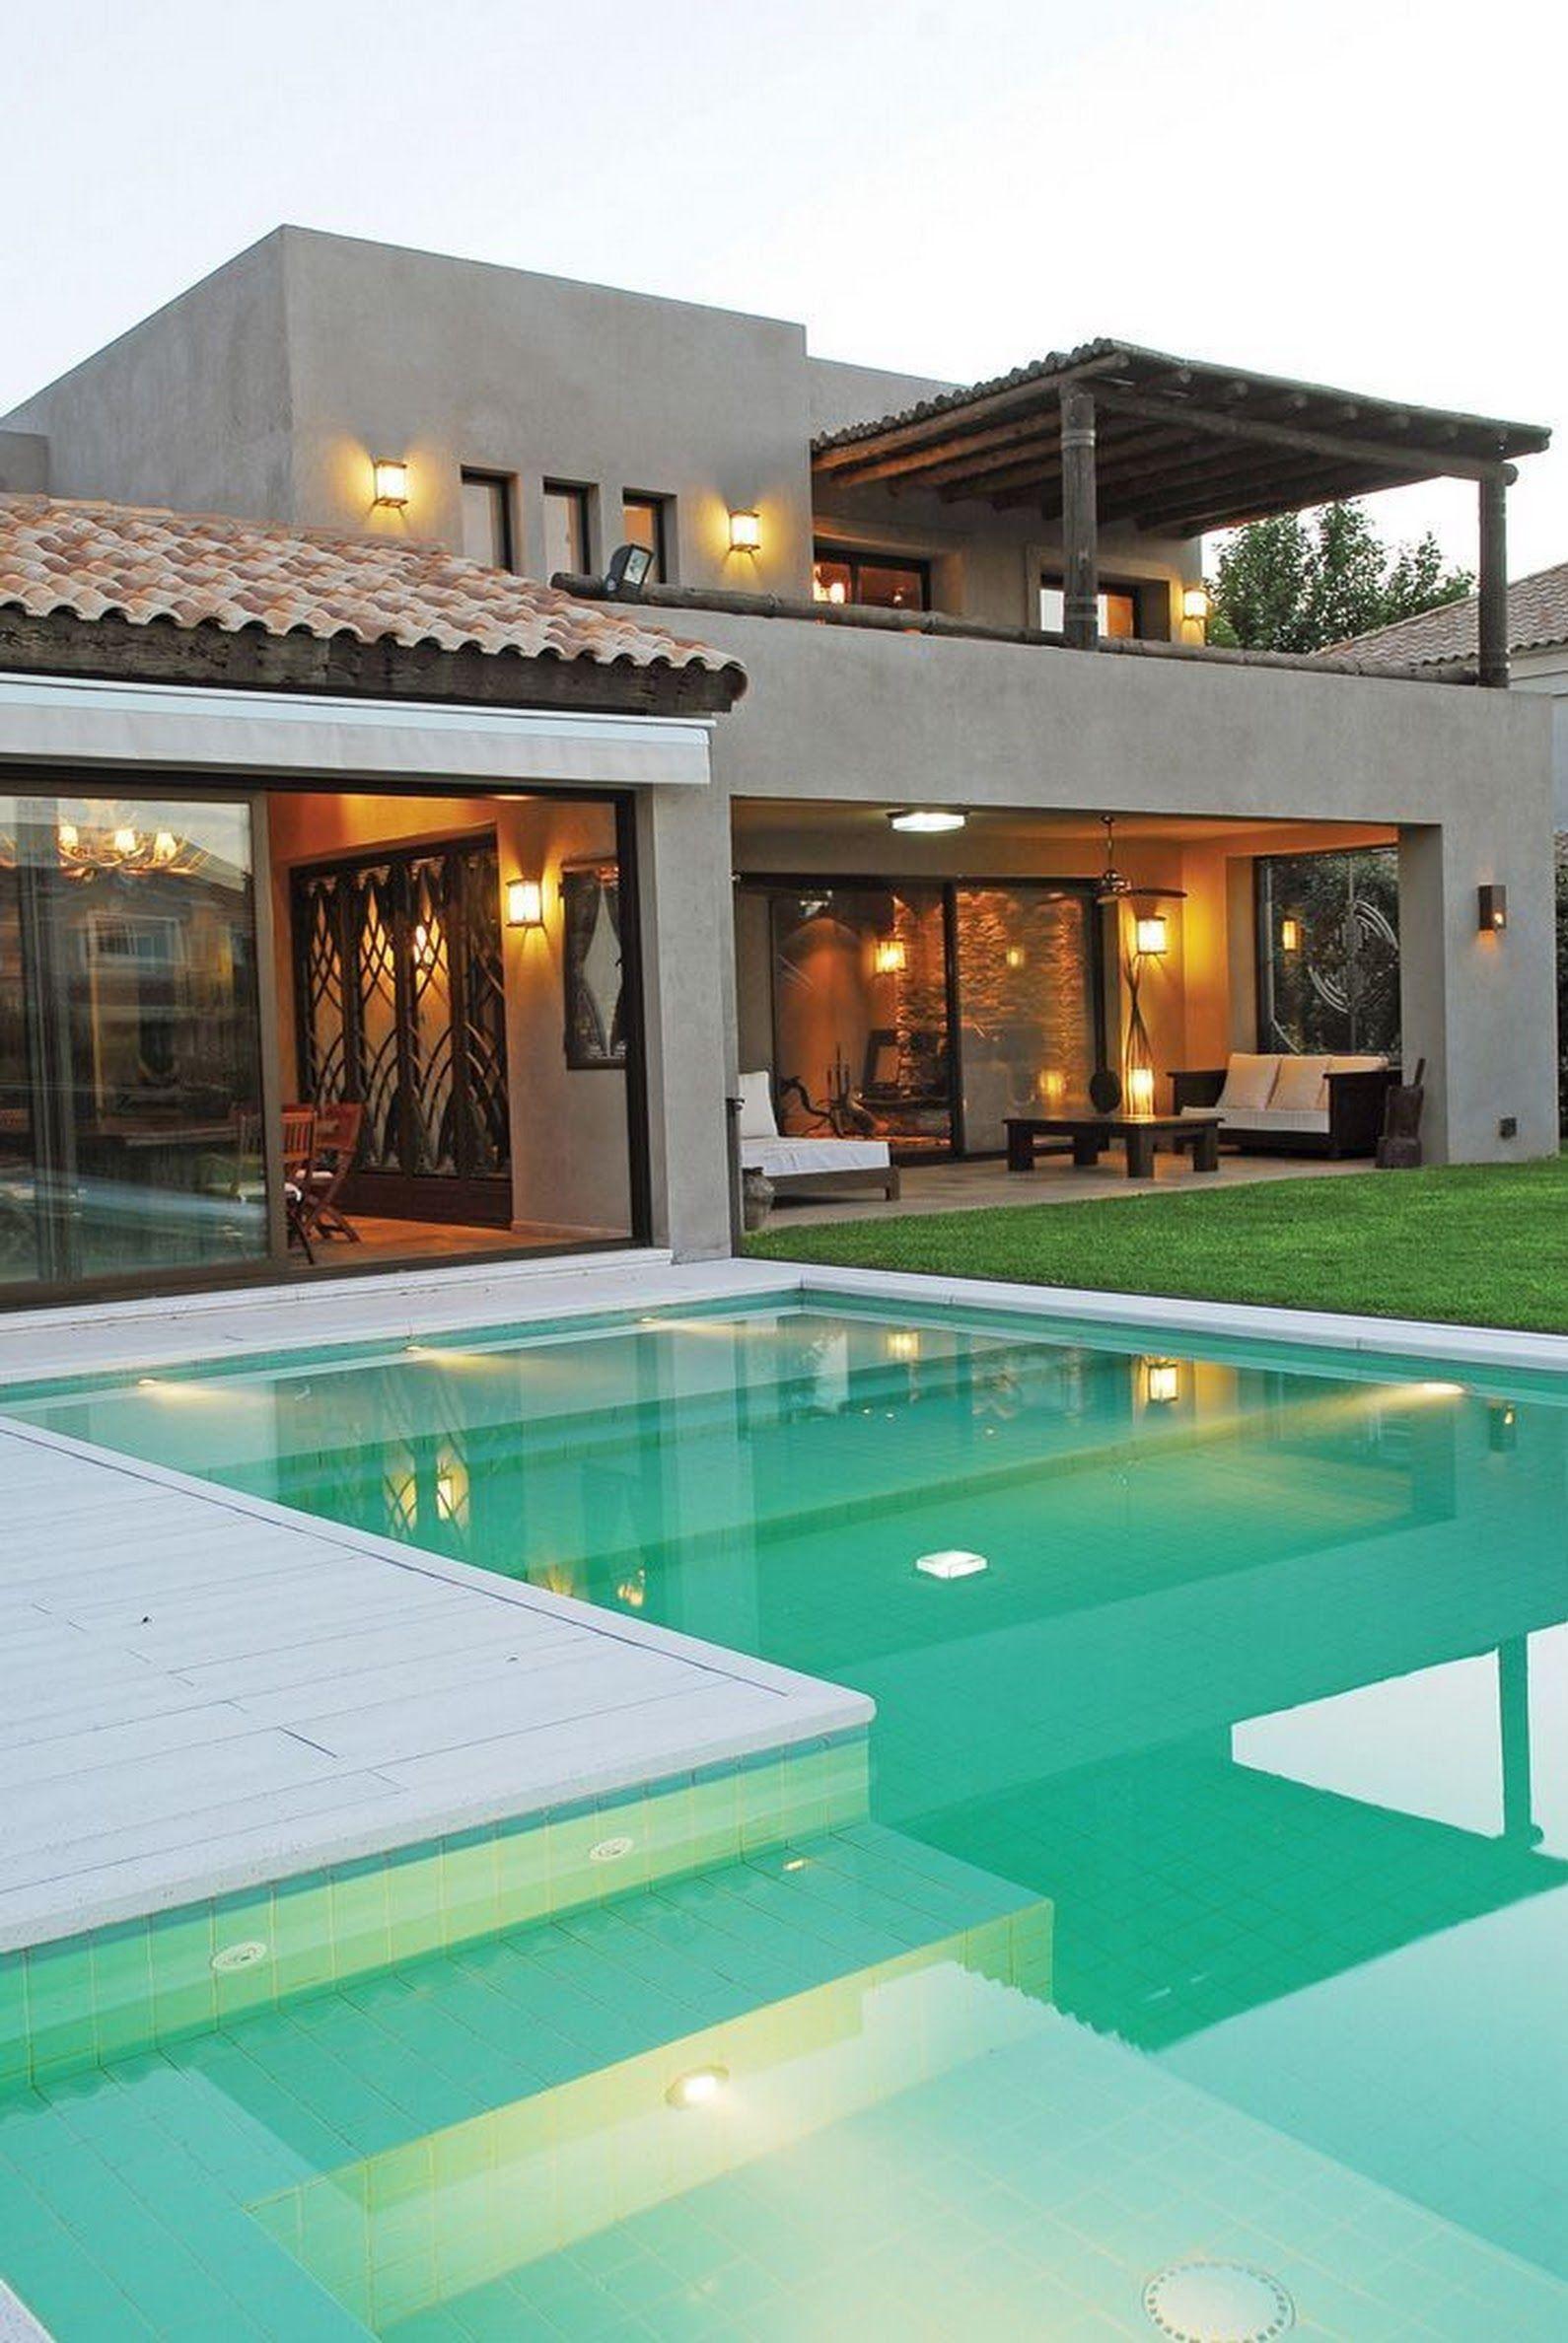 Pin von Kalzang Dorjee auf Architecture Designs | Pinterest | Häuser ...